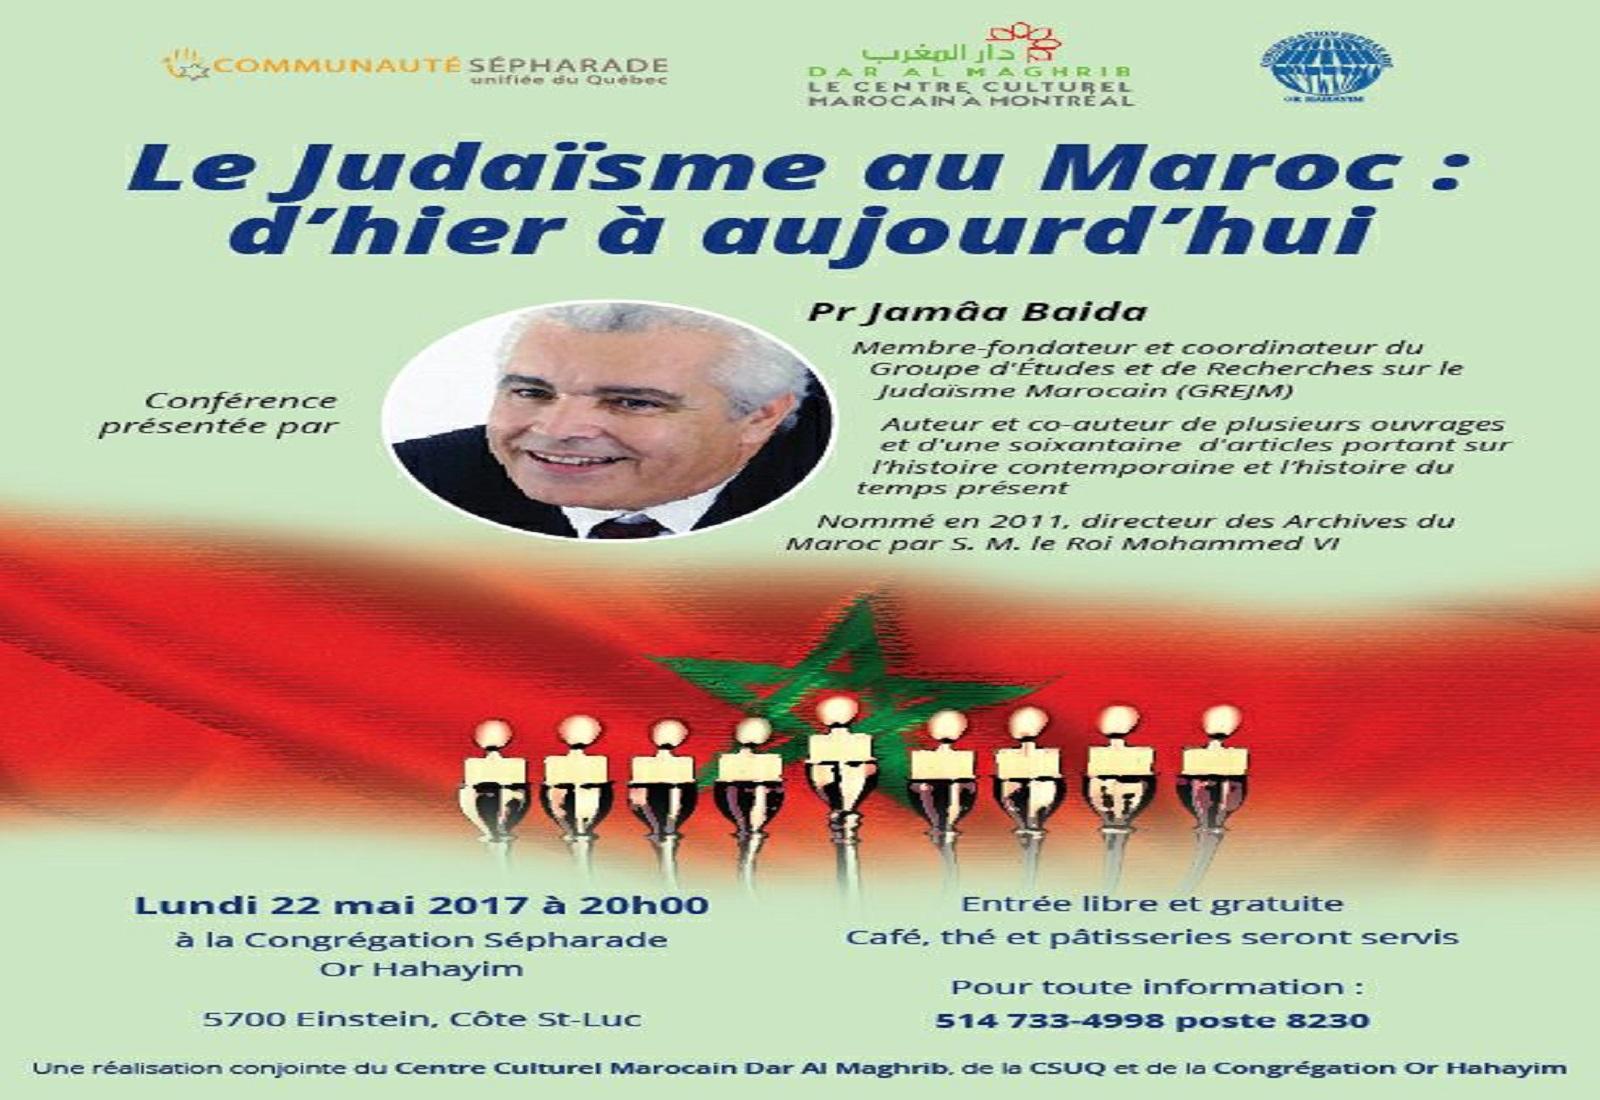 «Le judaïsme au Maroc d'hier à aujourd'hui», thème d'une conférence à Montréal